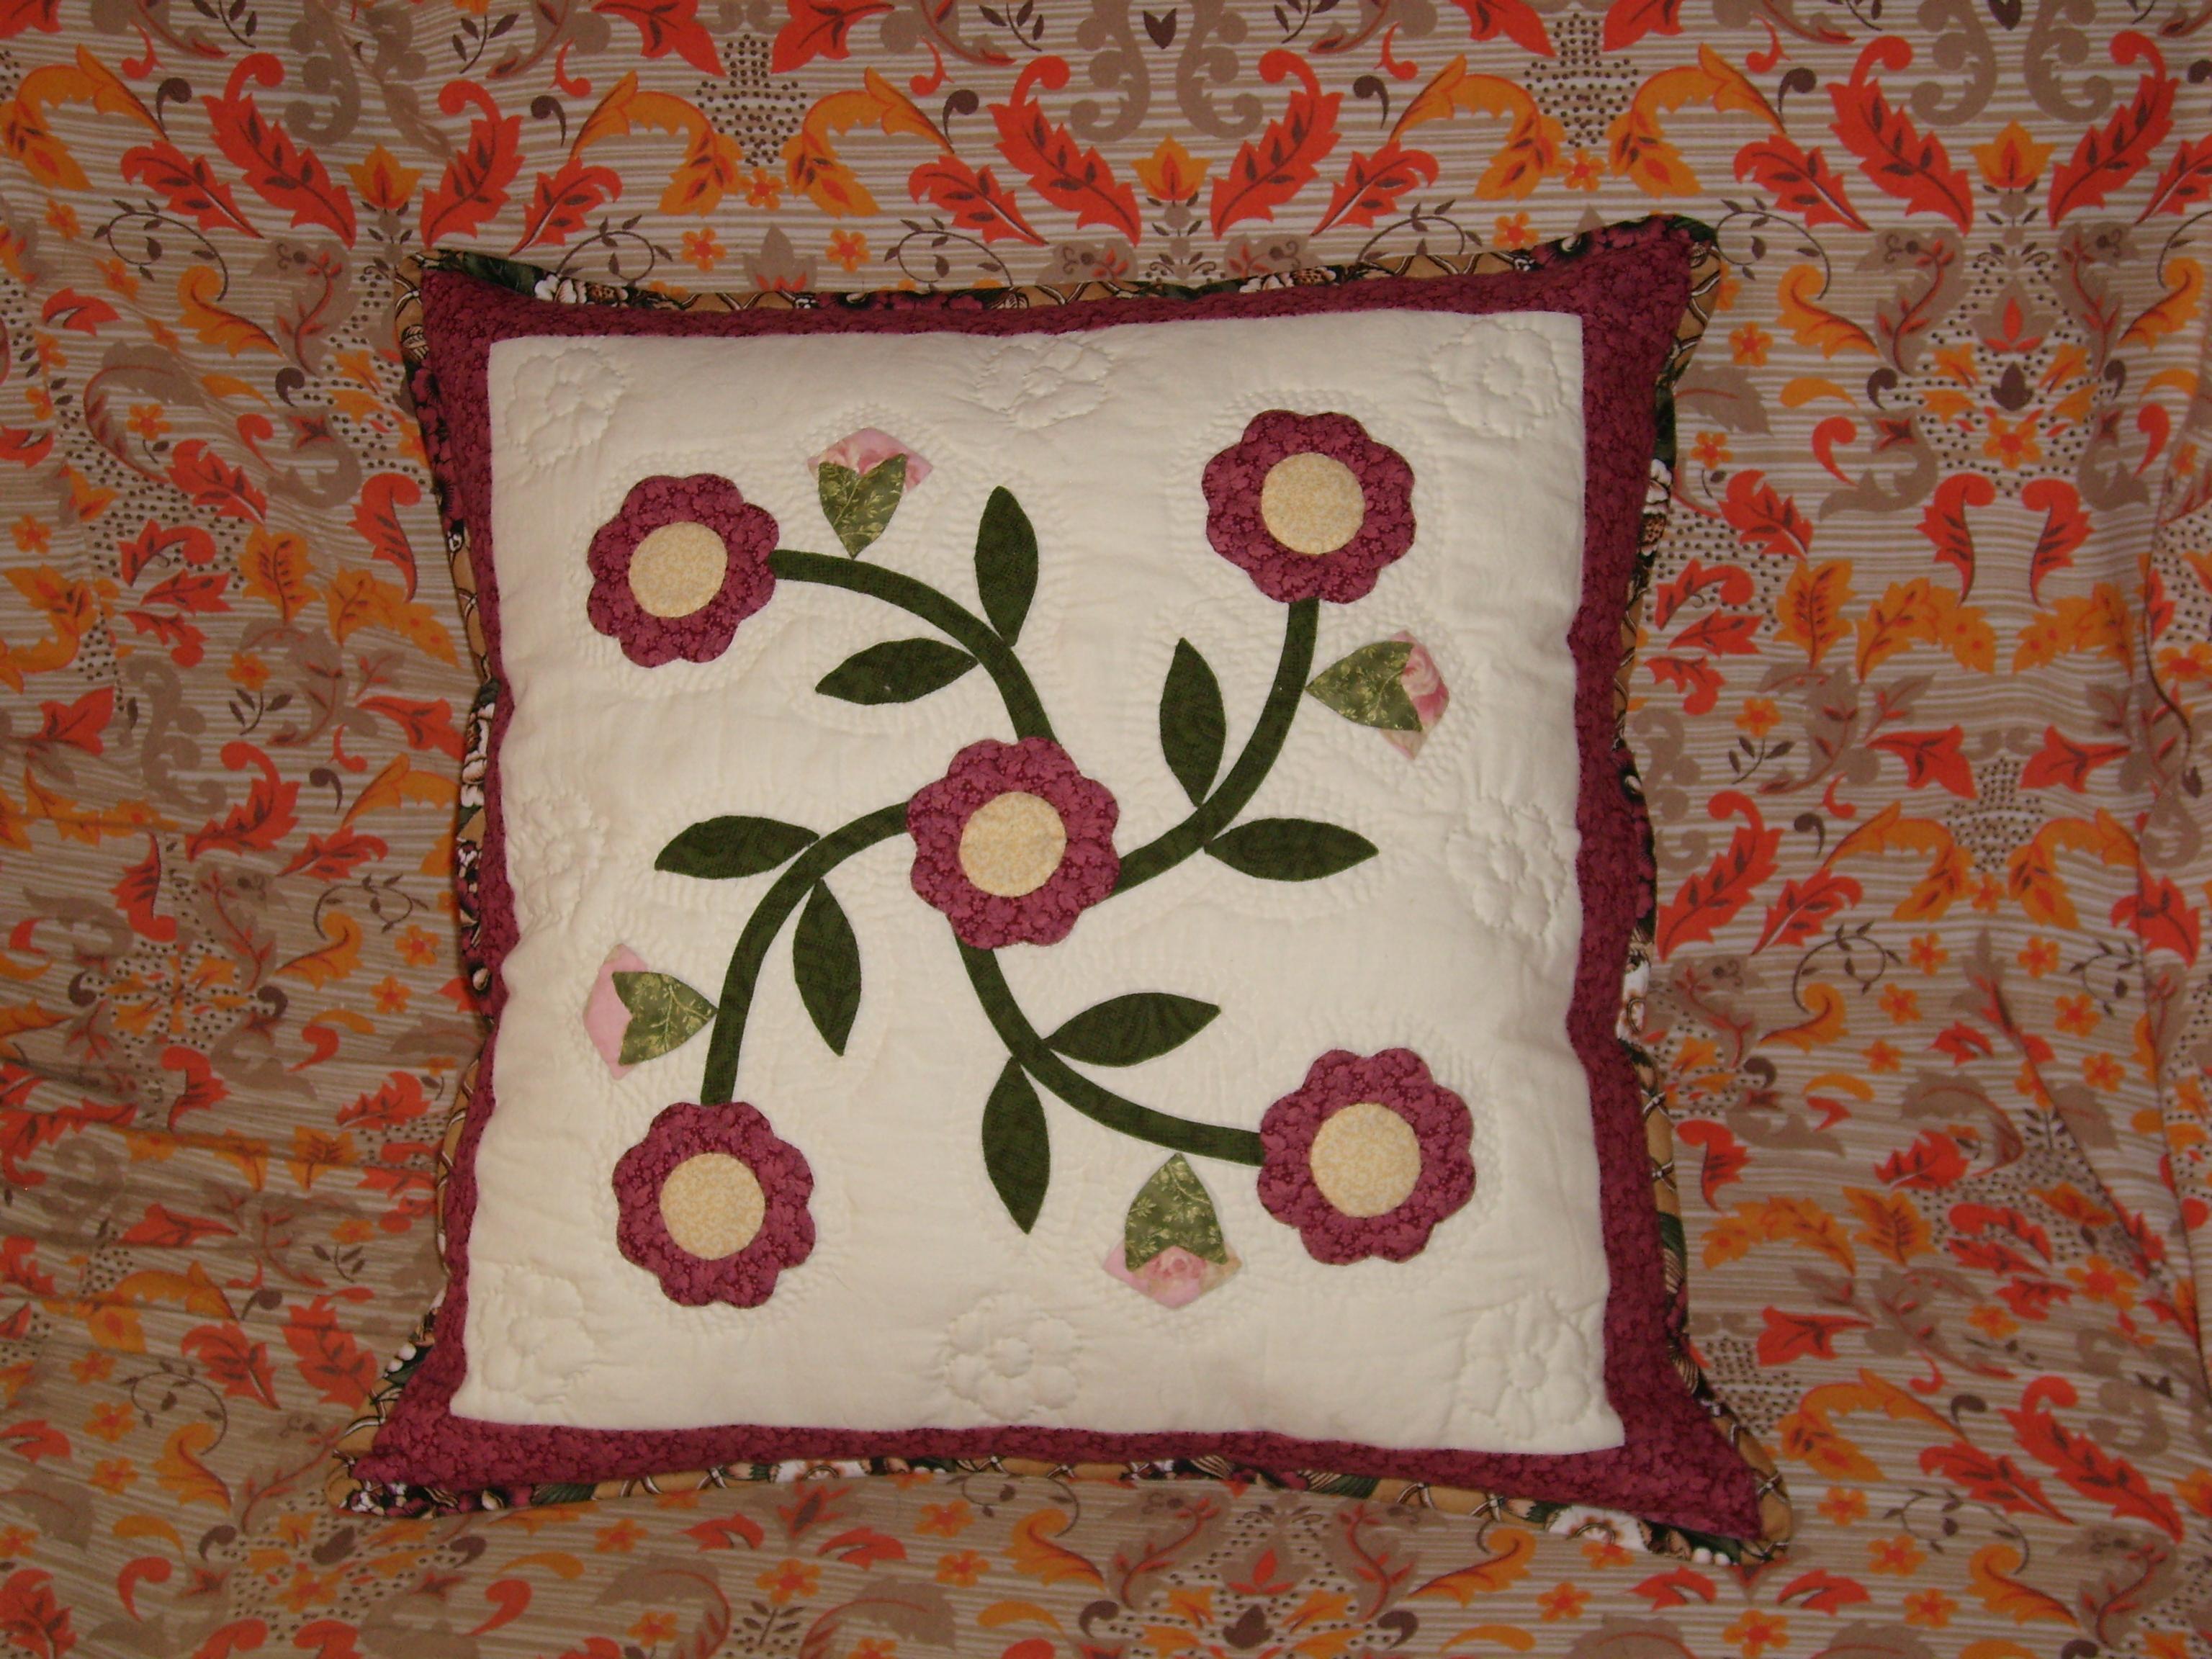 Cuscino con fiori appliquè dallalbum di mamablu